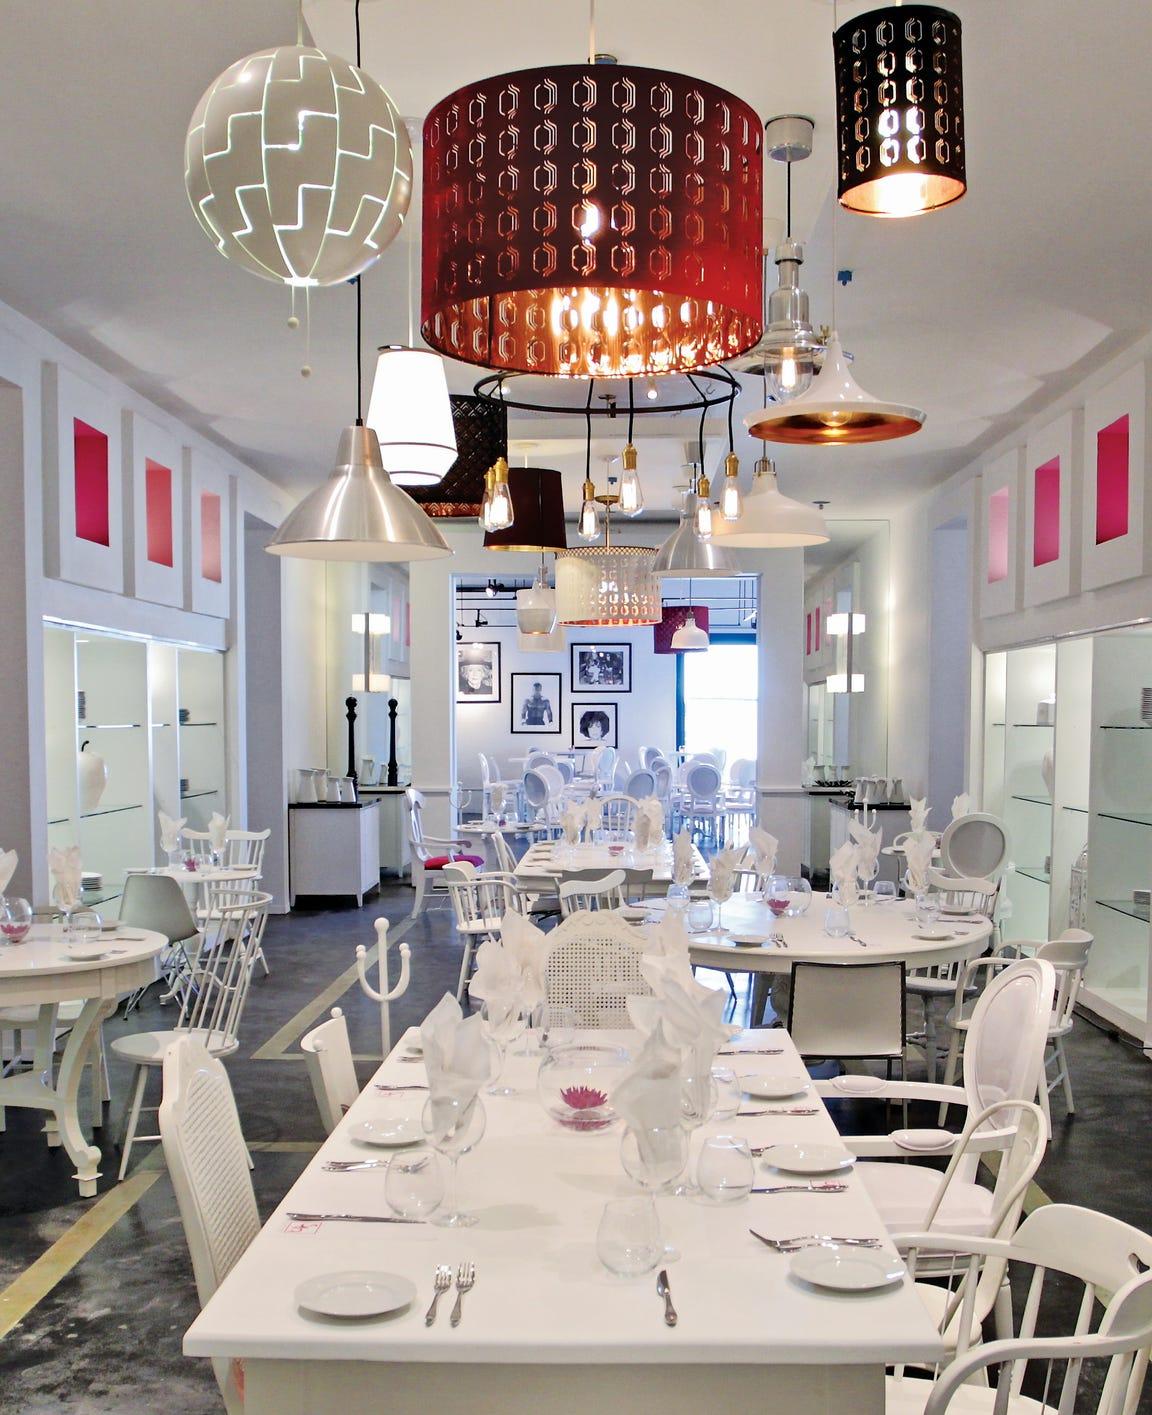 Best Restaurant Service Experience: Eight4Nine Restaurant